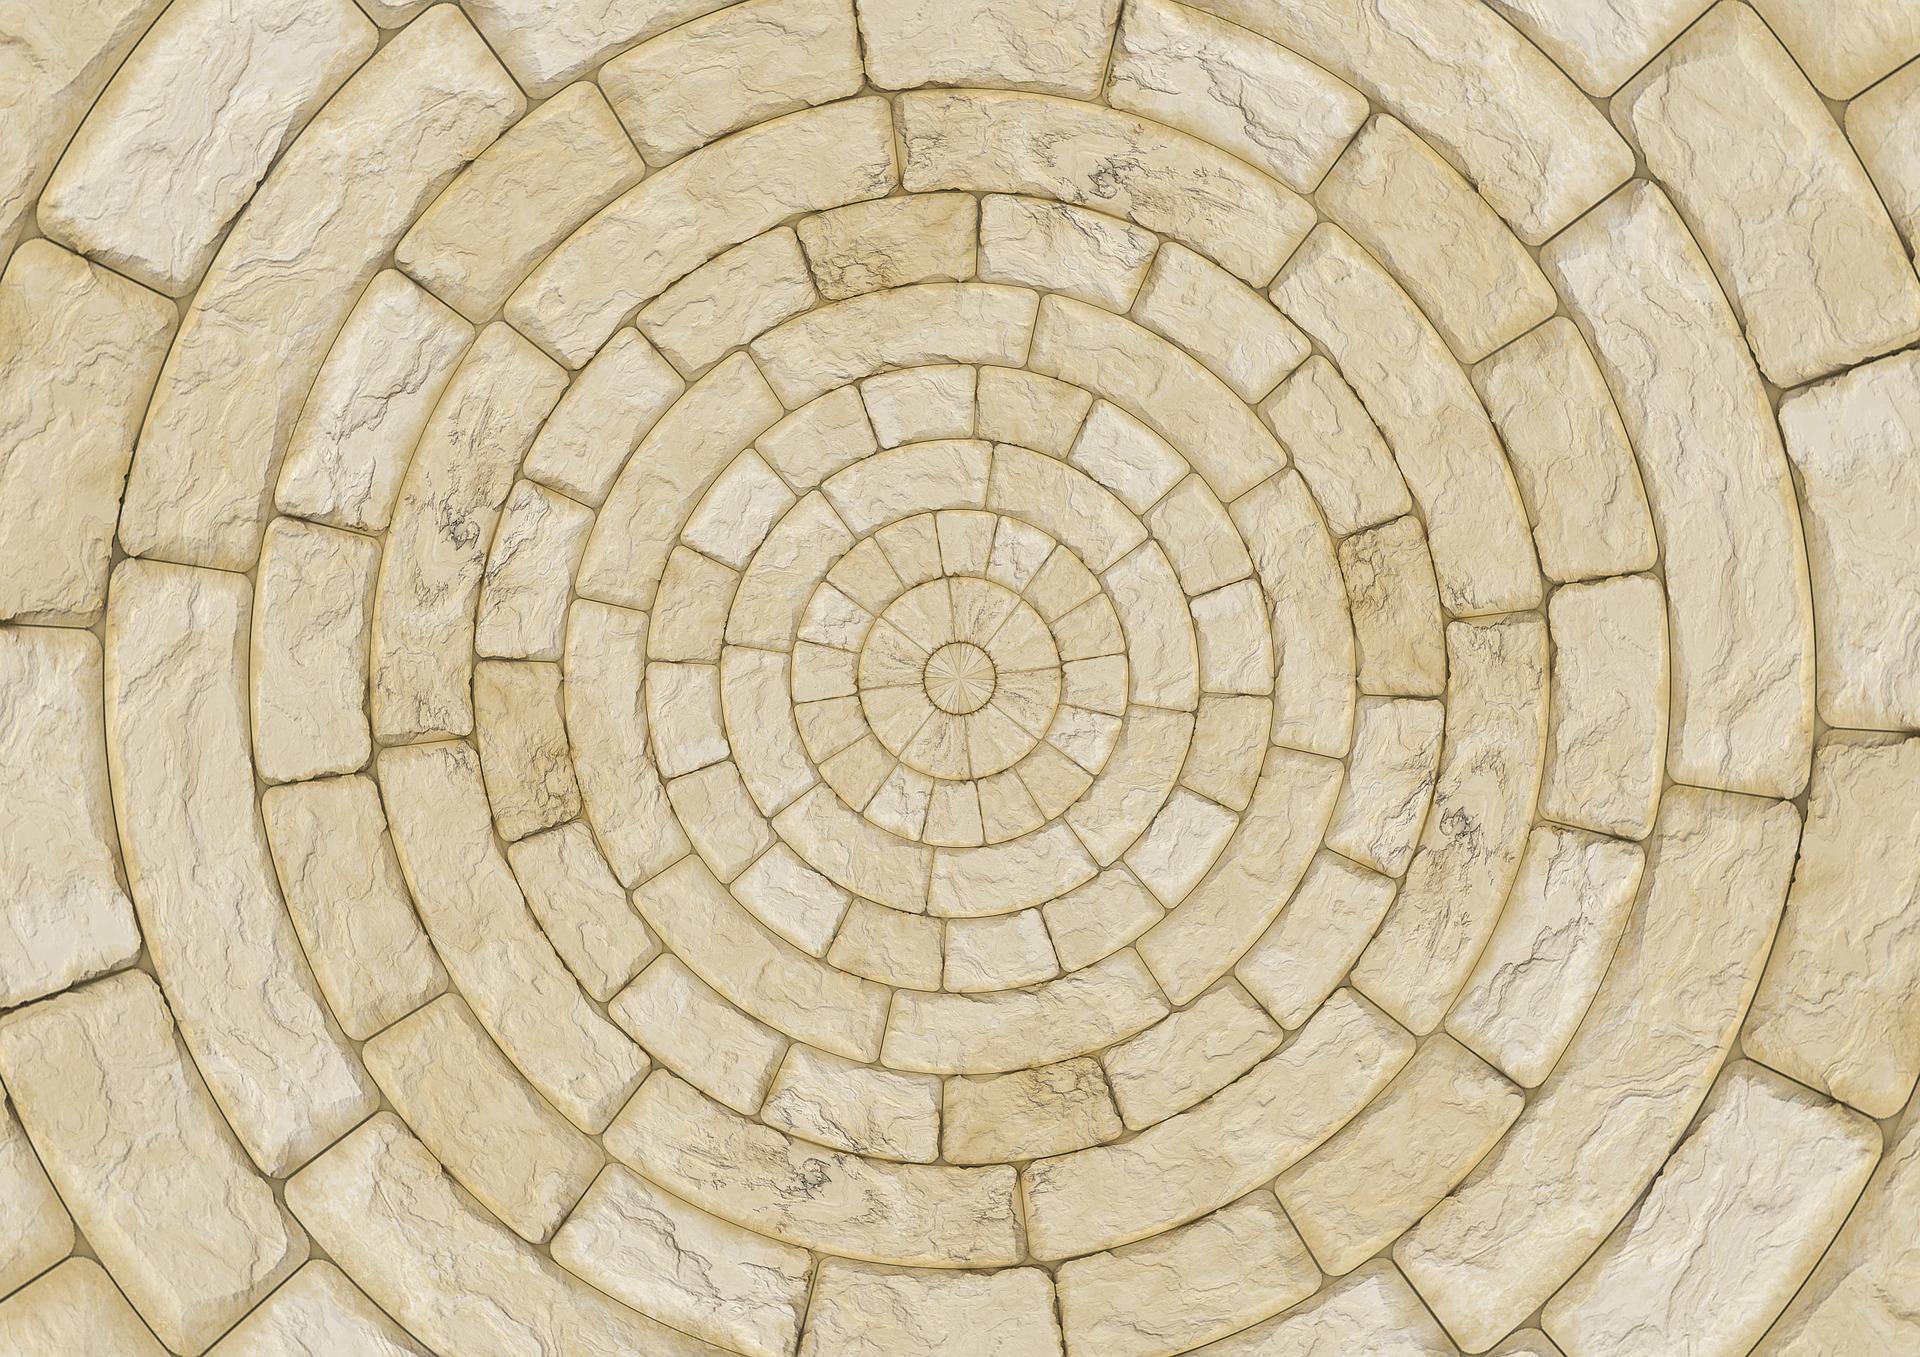 stones-850067_1920